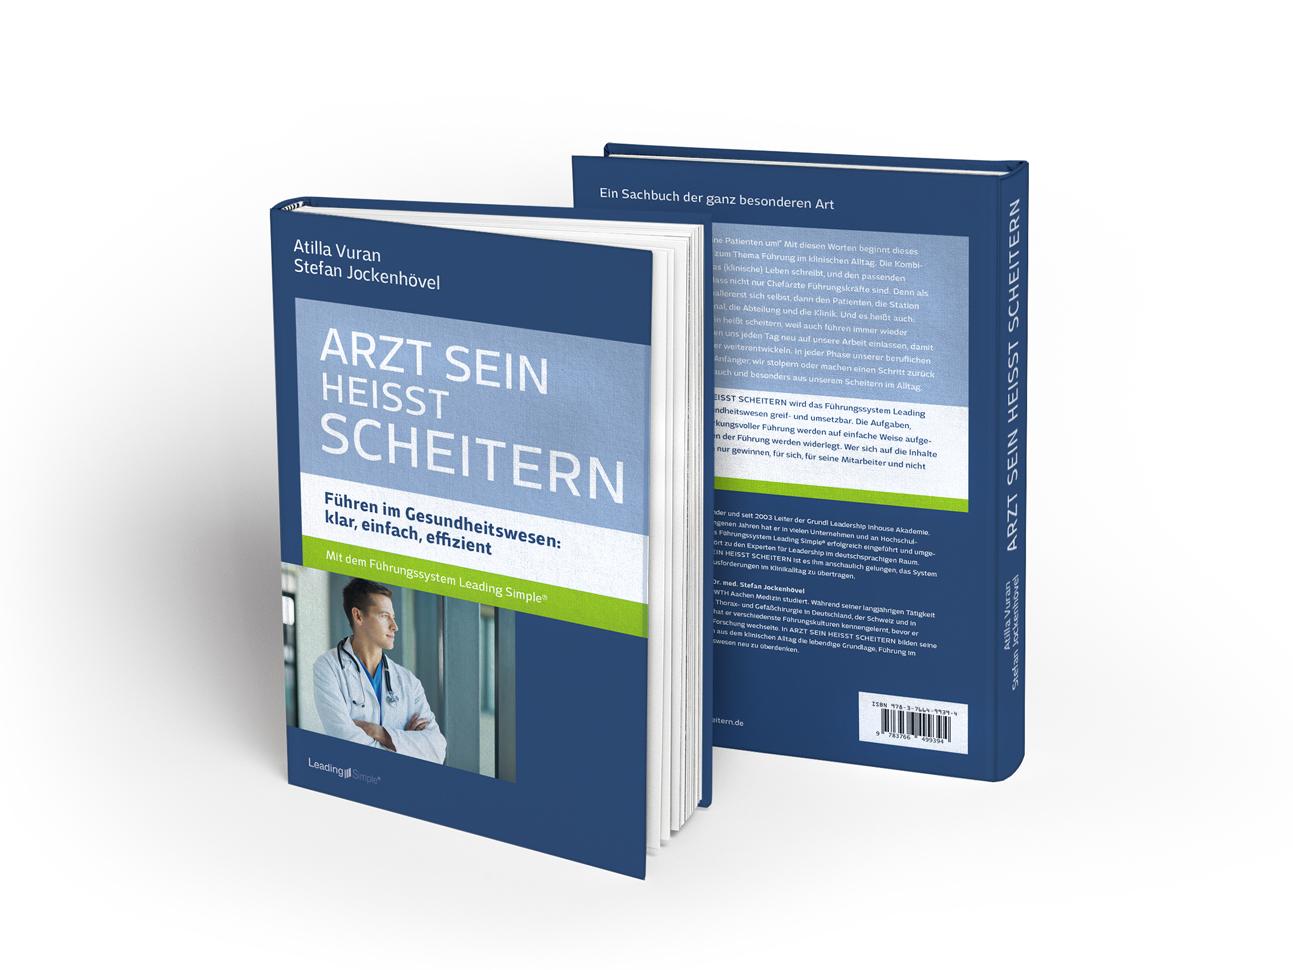 martin_zech_design_buchcover_atilla-vuran_arzt-sein-heisst-scheitern